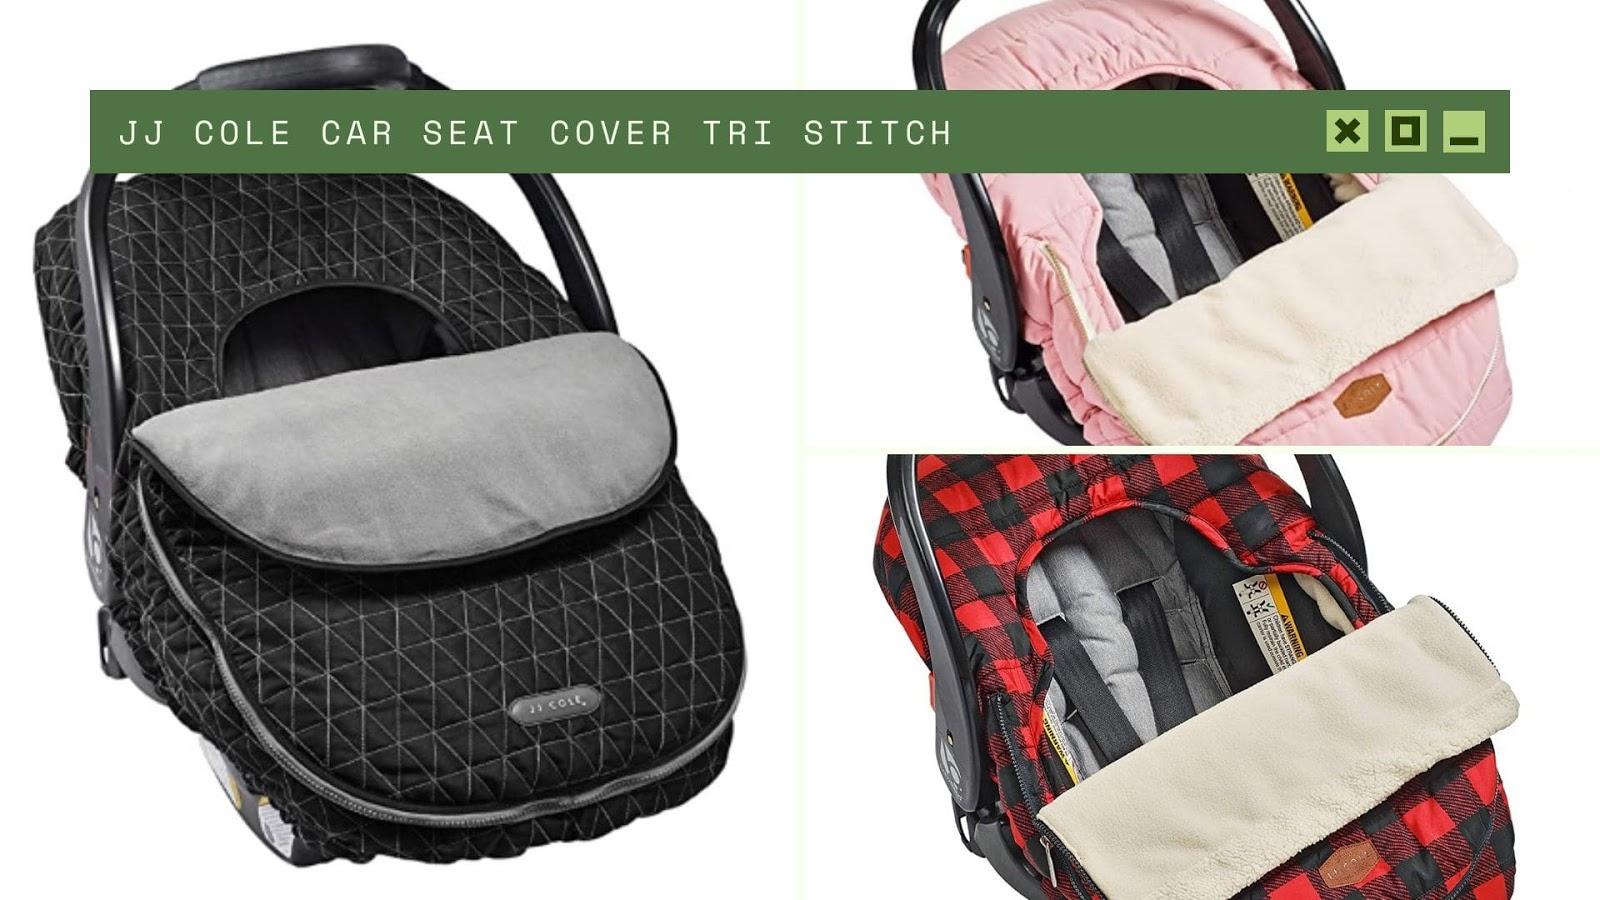 shopping for newborn JJ Cole Car Seat Cover Tri Stitch